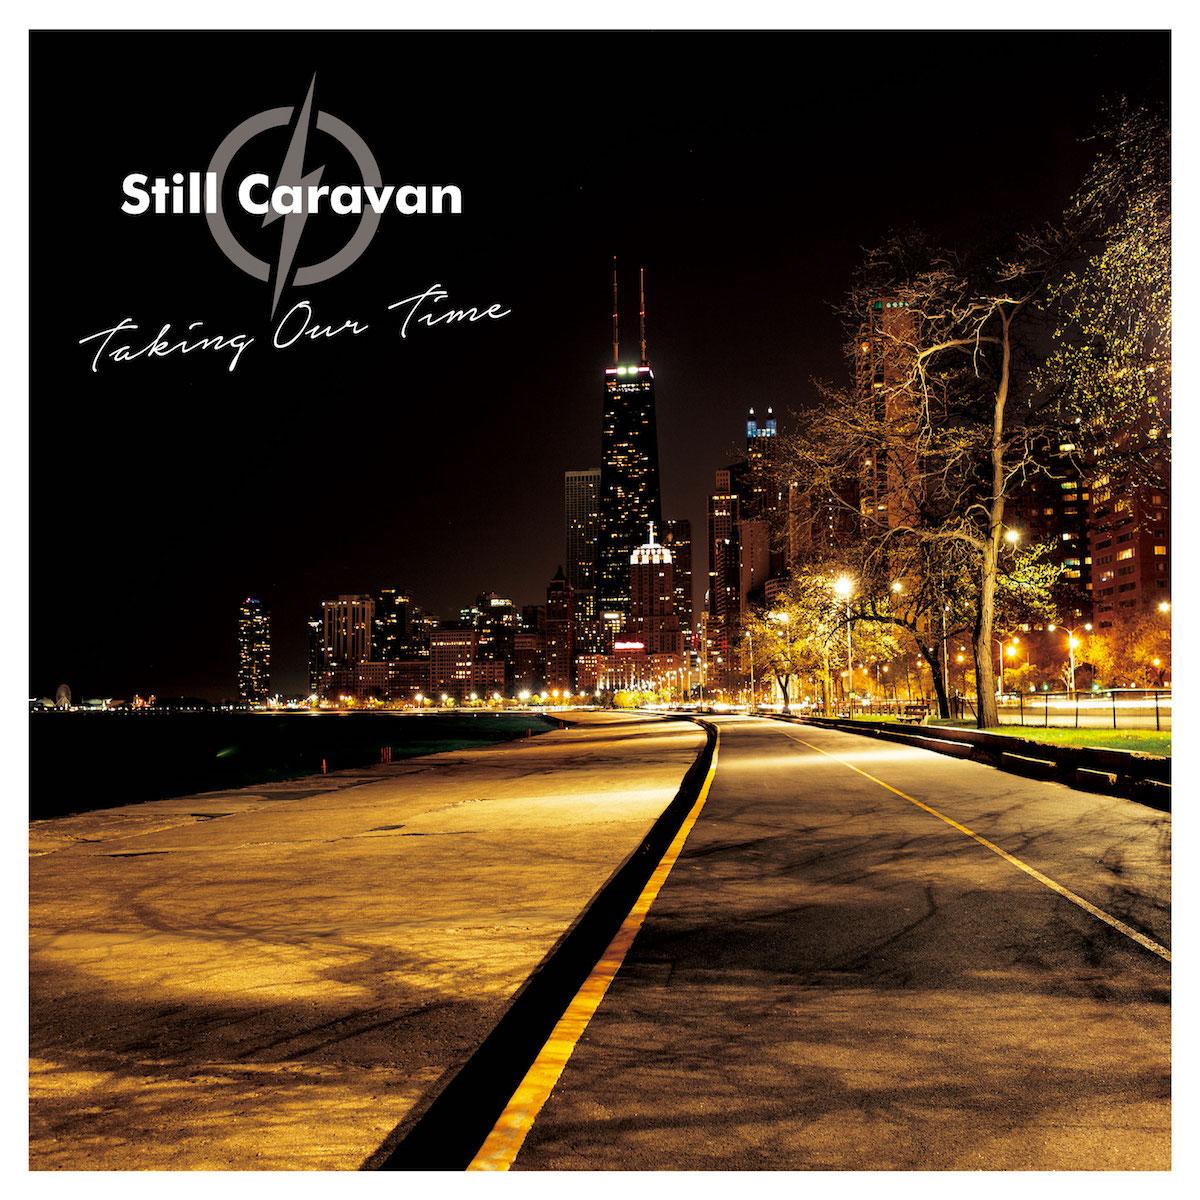 Still Caravan、アルバム『EPIC』に続き、EP『Taking Our Time』をリリース!リリースパーティーも開催! music180306_stillcaravan_2